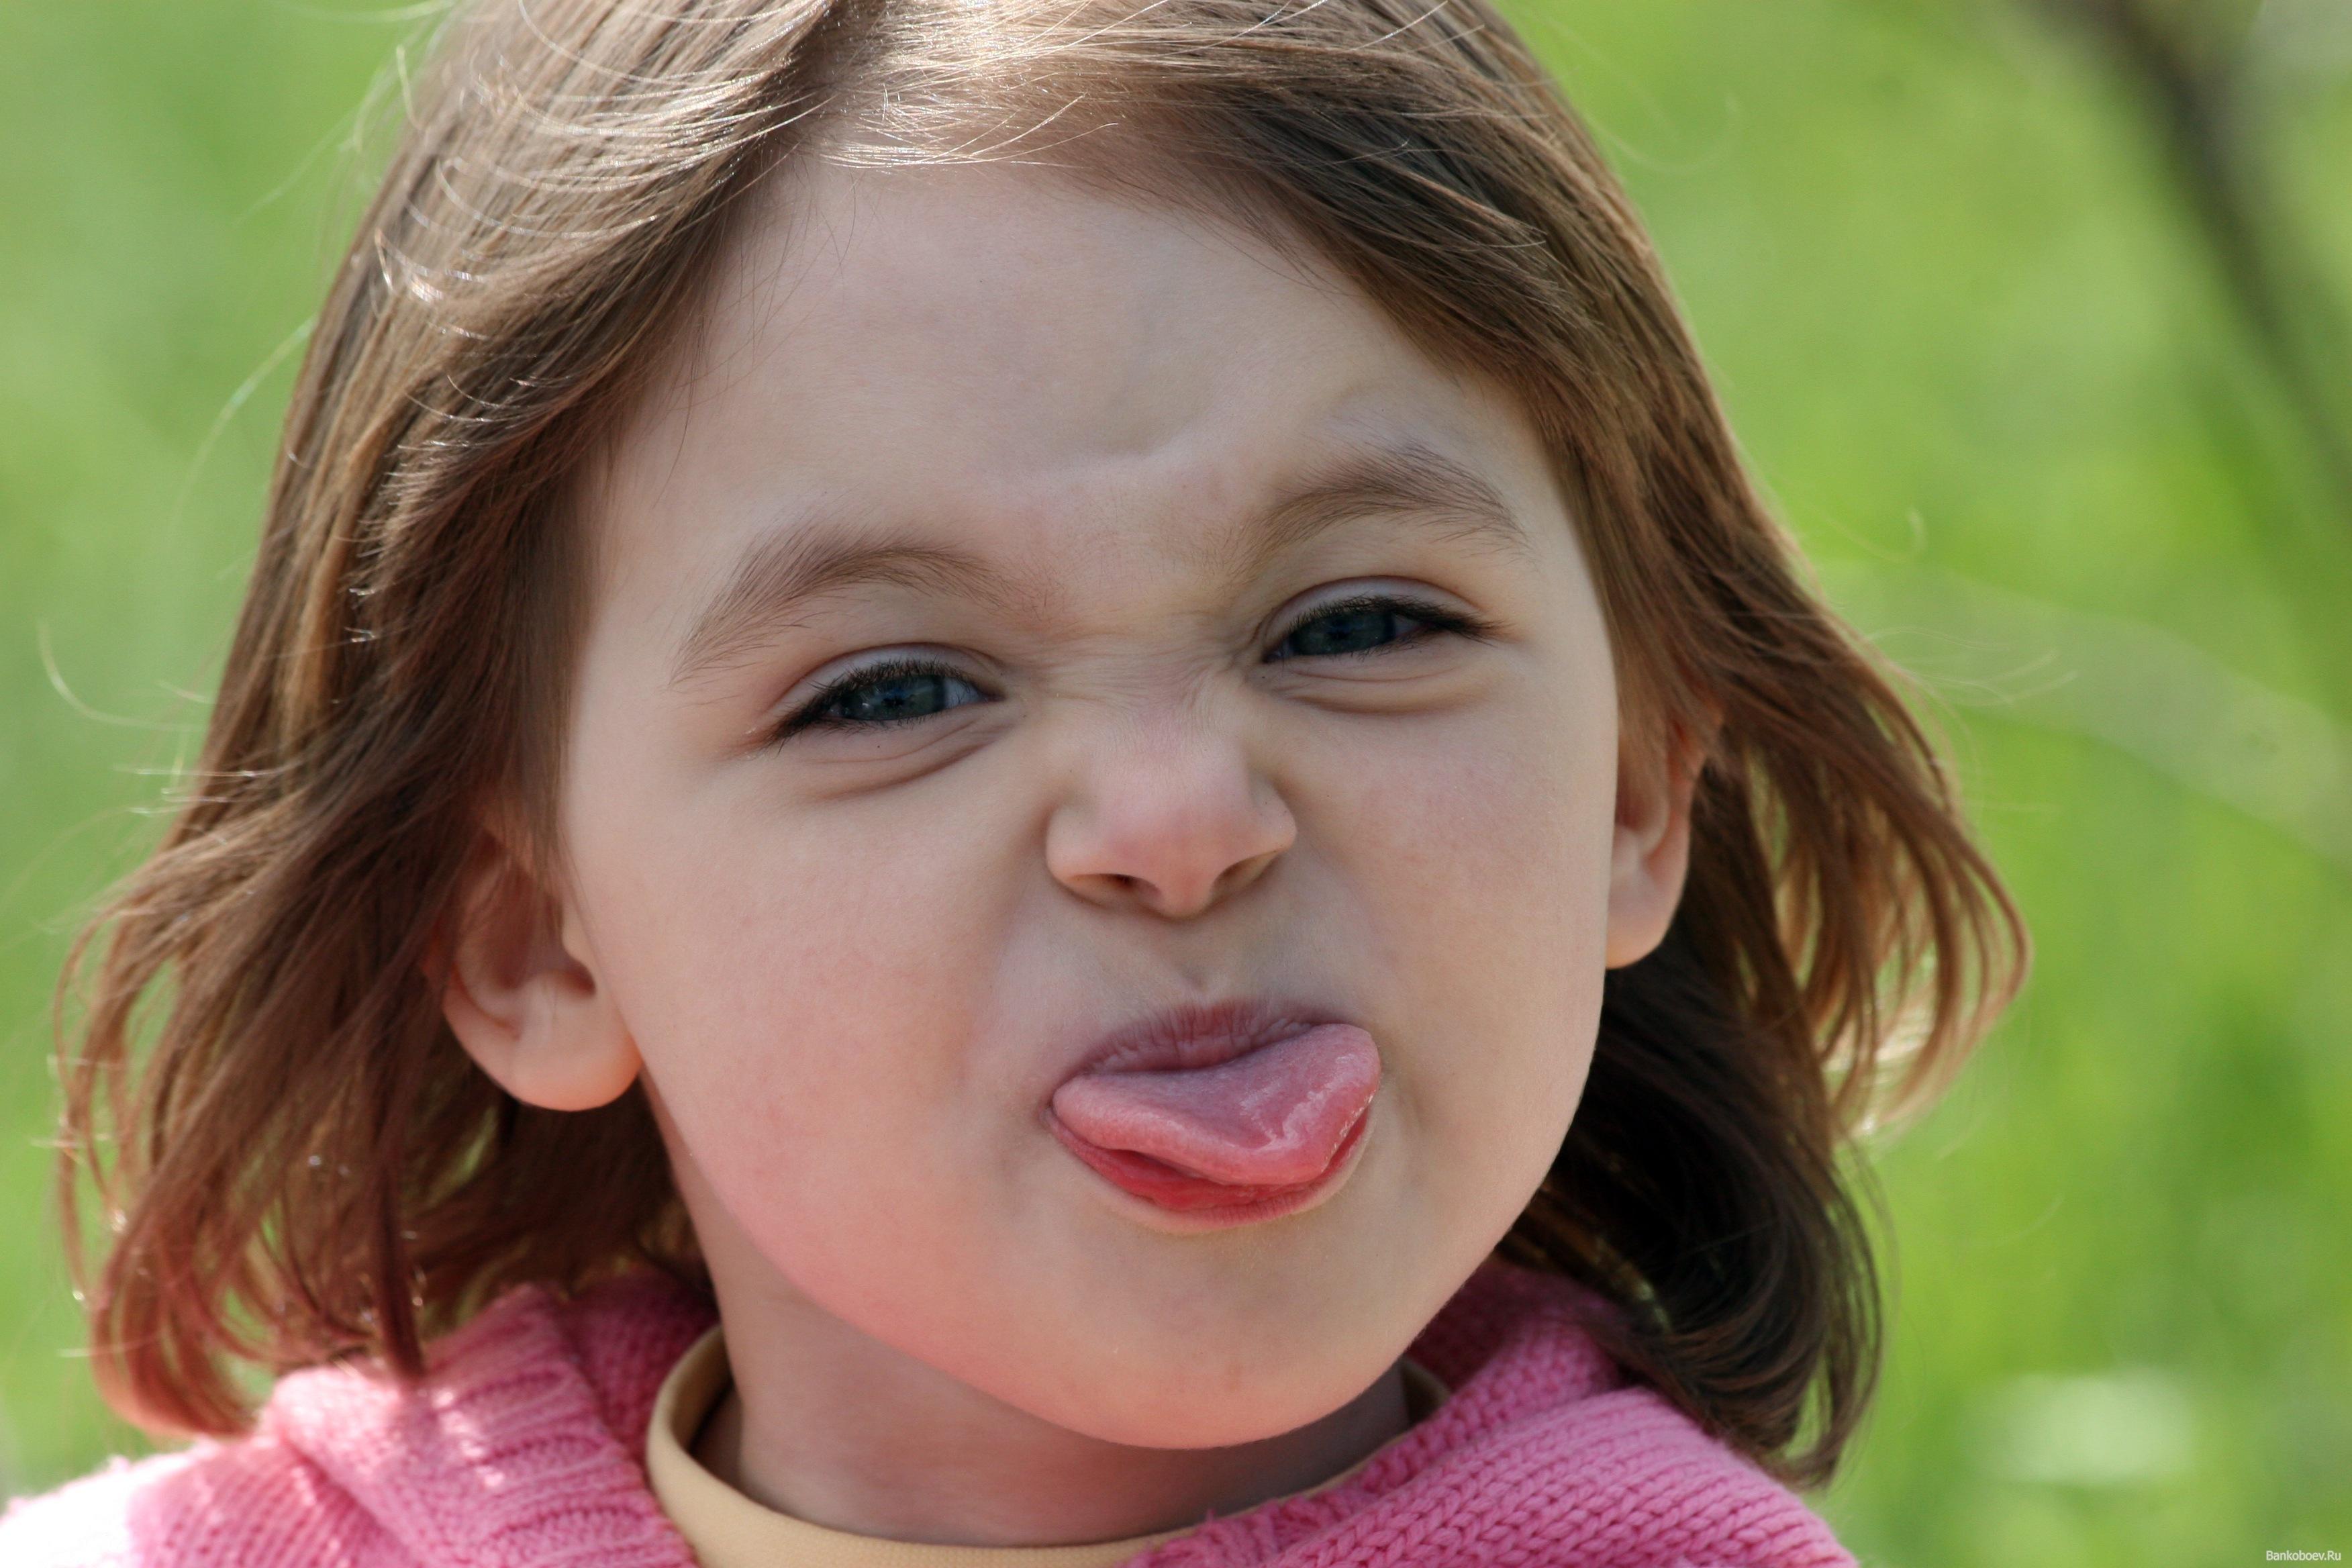 Фото детей которые показывают язык